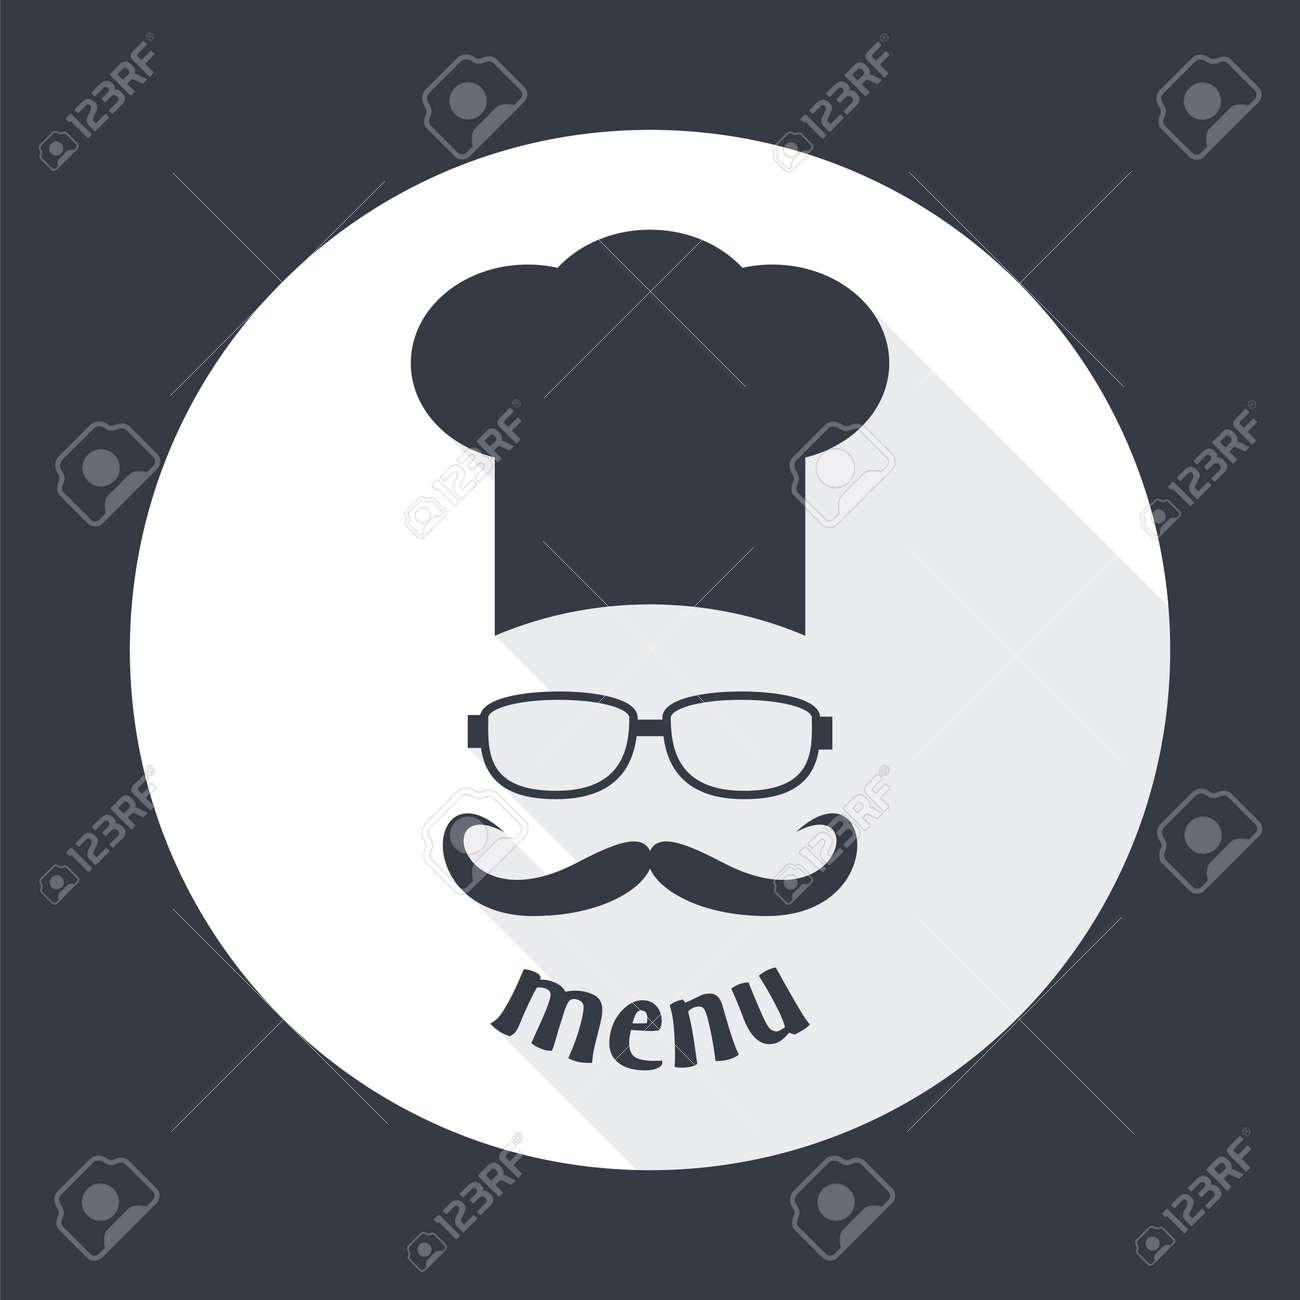 Banque d images - Chapeau de chef Hipster avec la moustache et des lunettes.  Foods Service icône ronde. Menu carte avec une longue ombre. 6e5551be7a3e